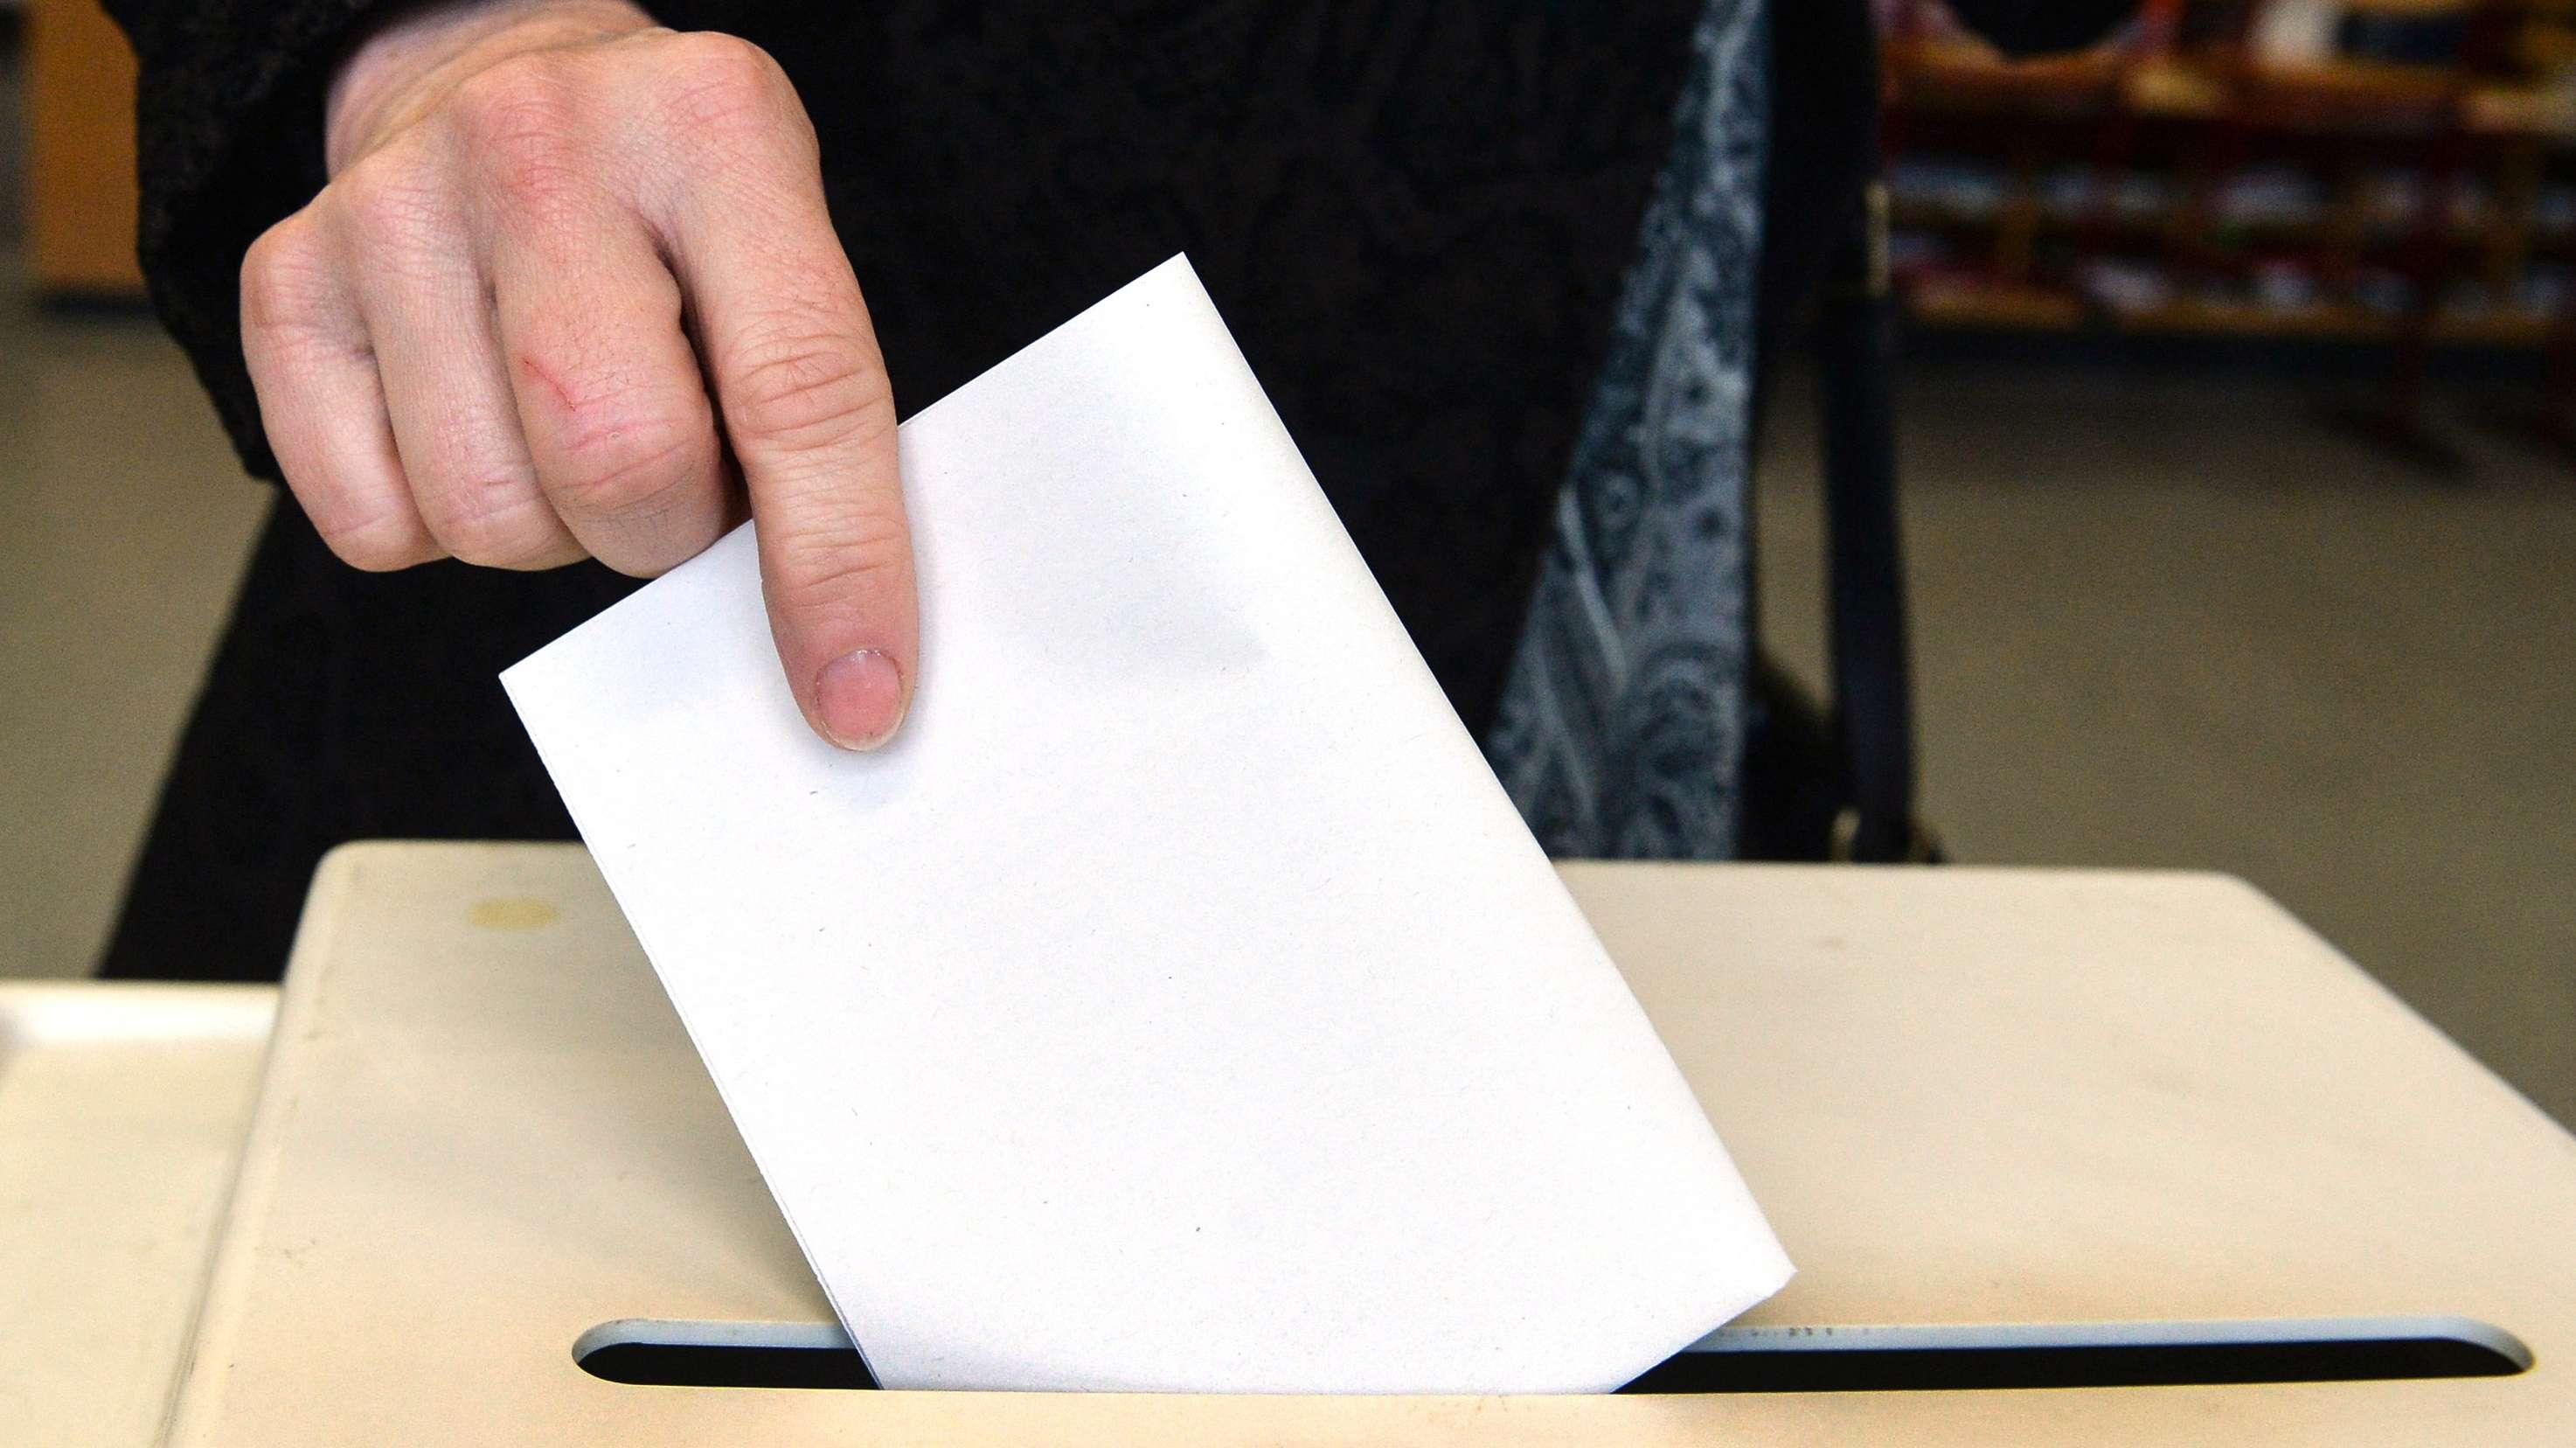 Ein Stimmzettel wird in eine Wahlurne gesteckt.